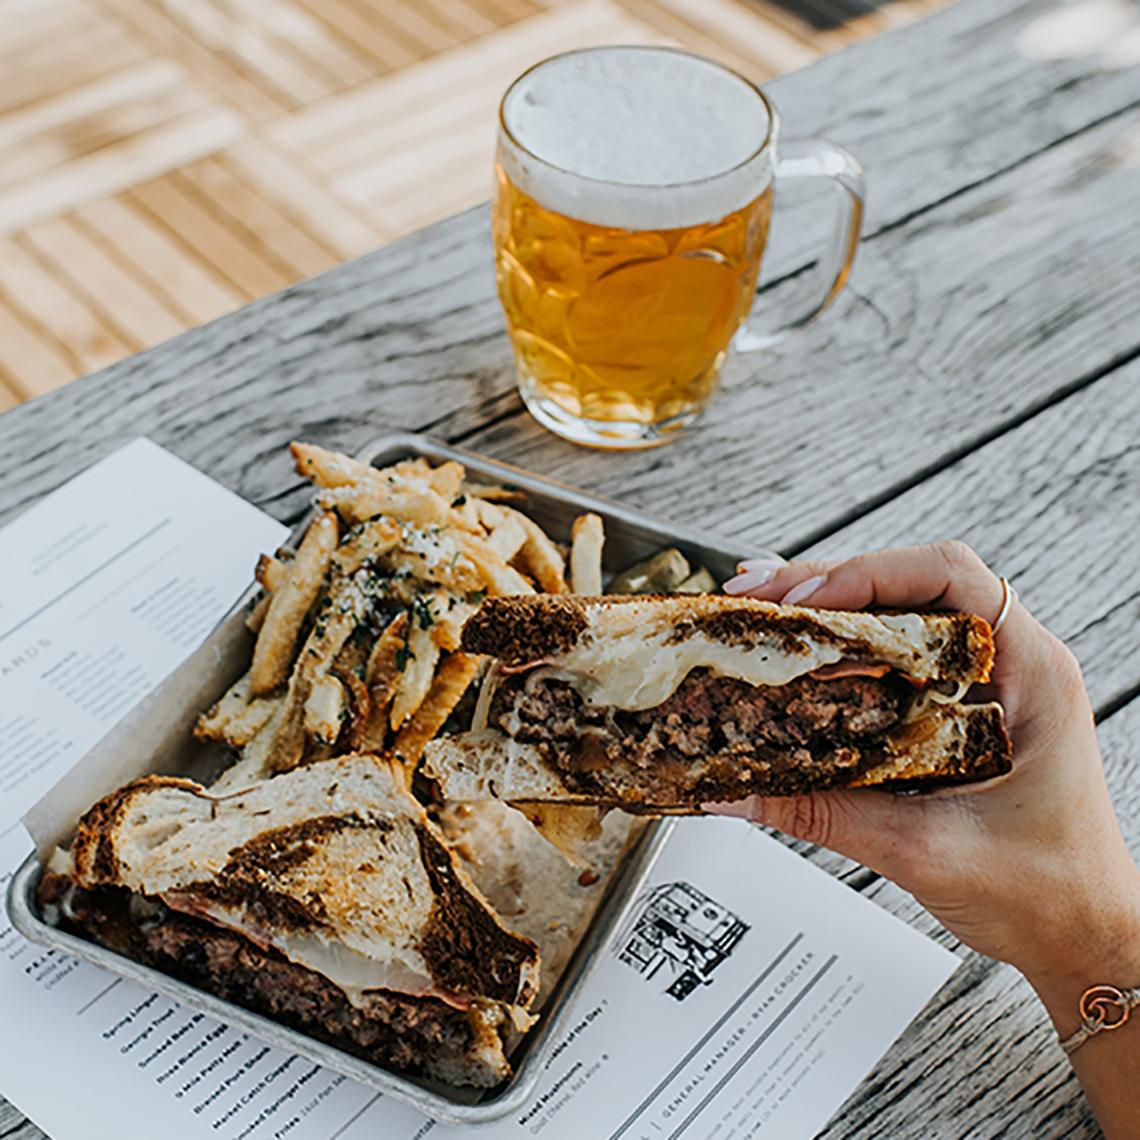 Sandwich con papas fritas y una cerveza en una mesa